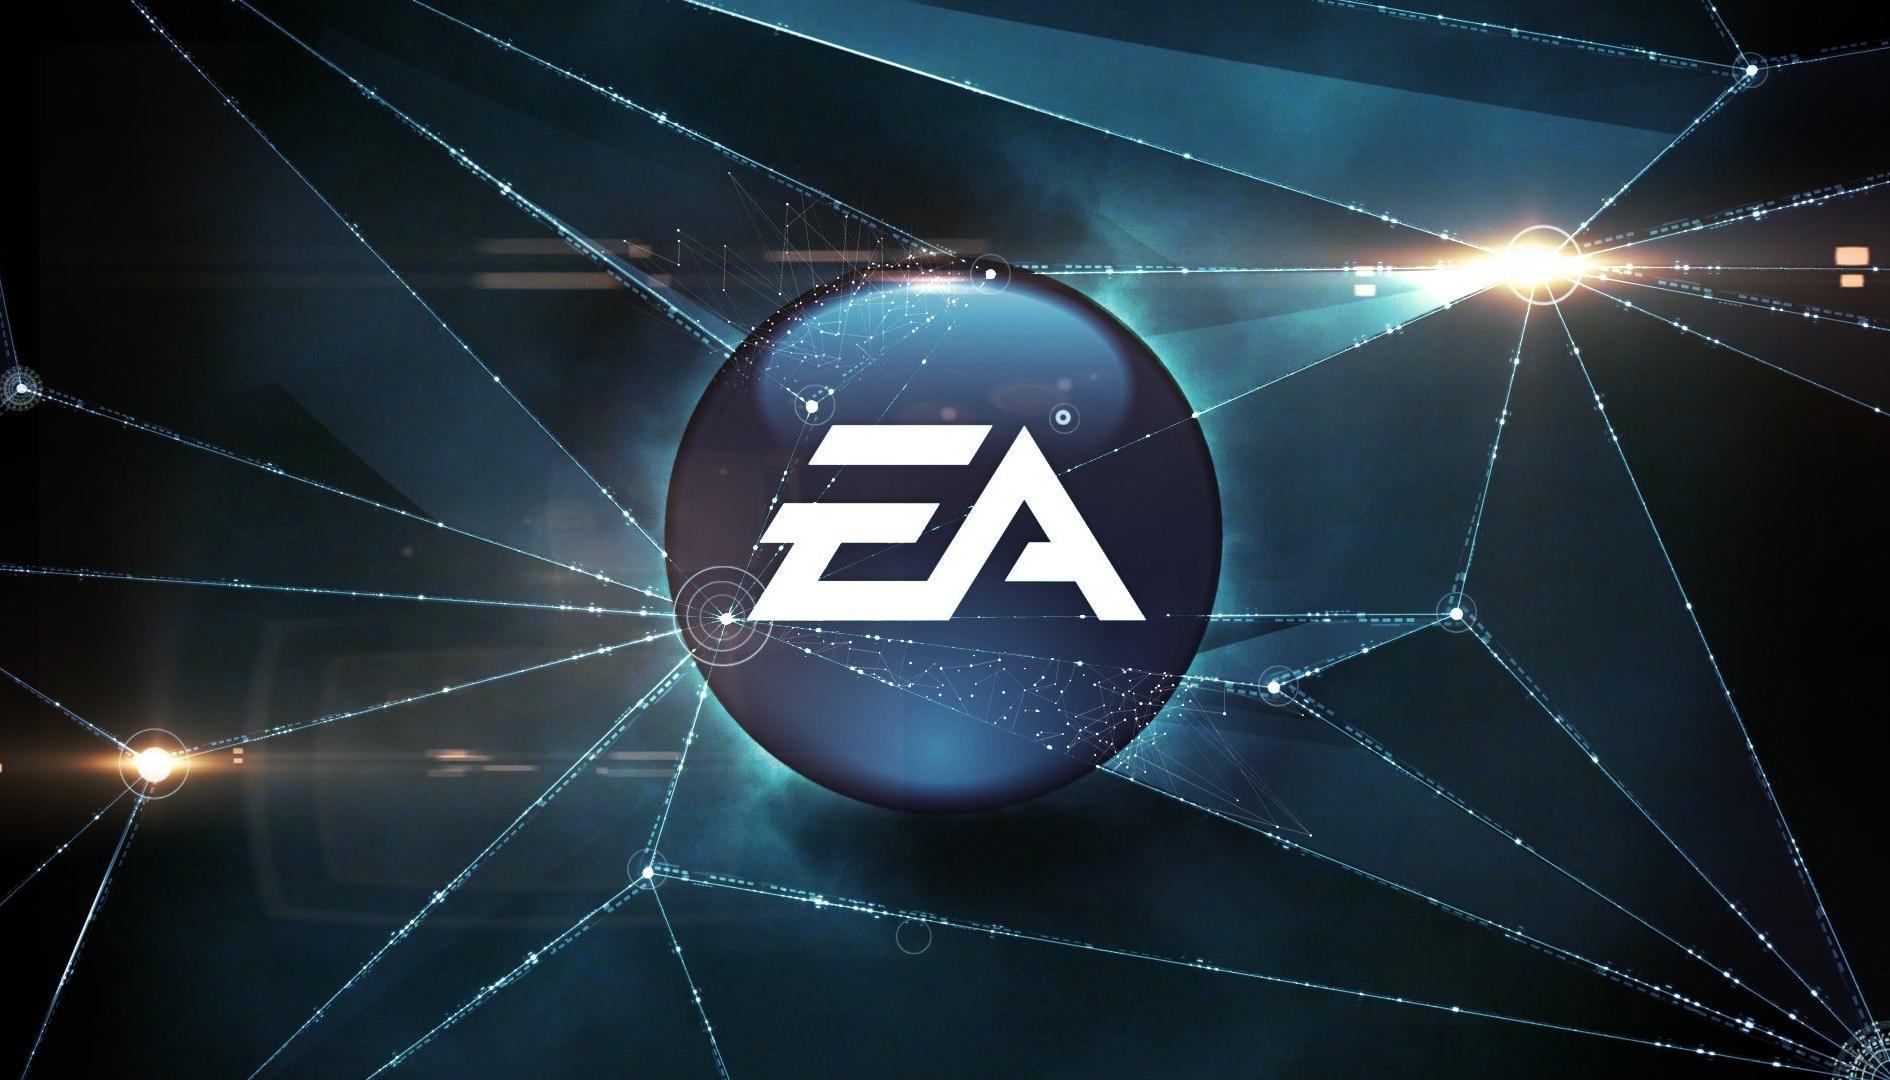 EA ha subito un attacco informatico, rubato il codice sorgente di FIFA 21